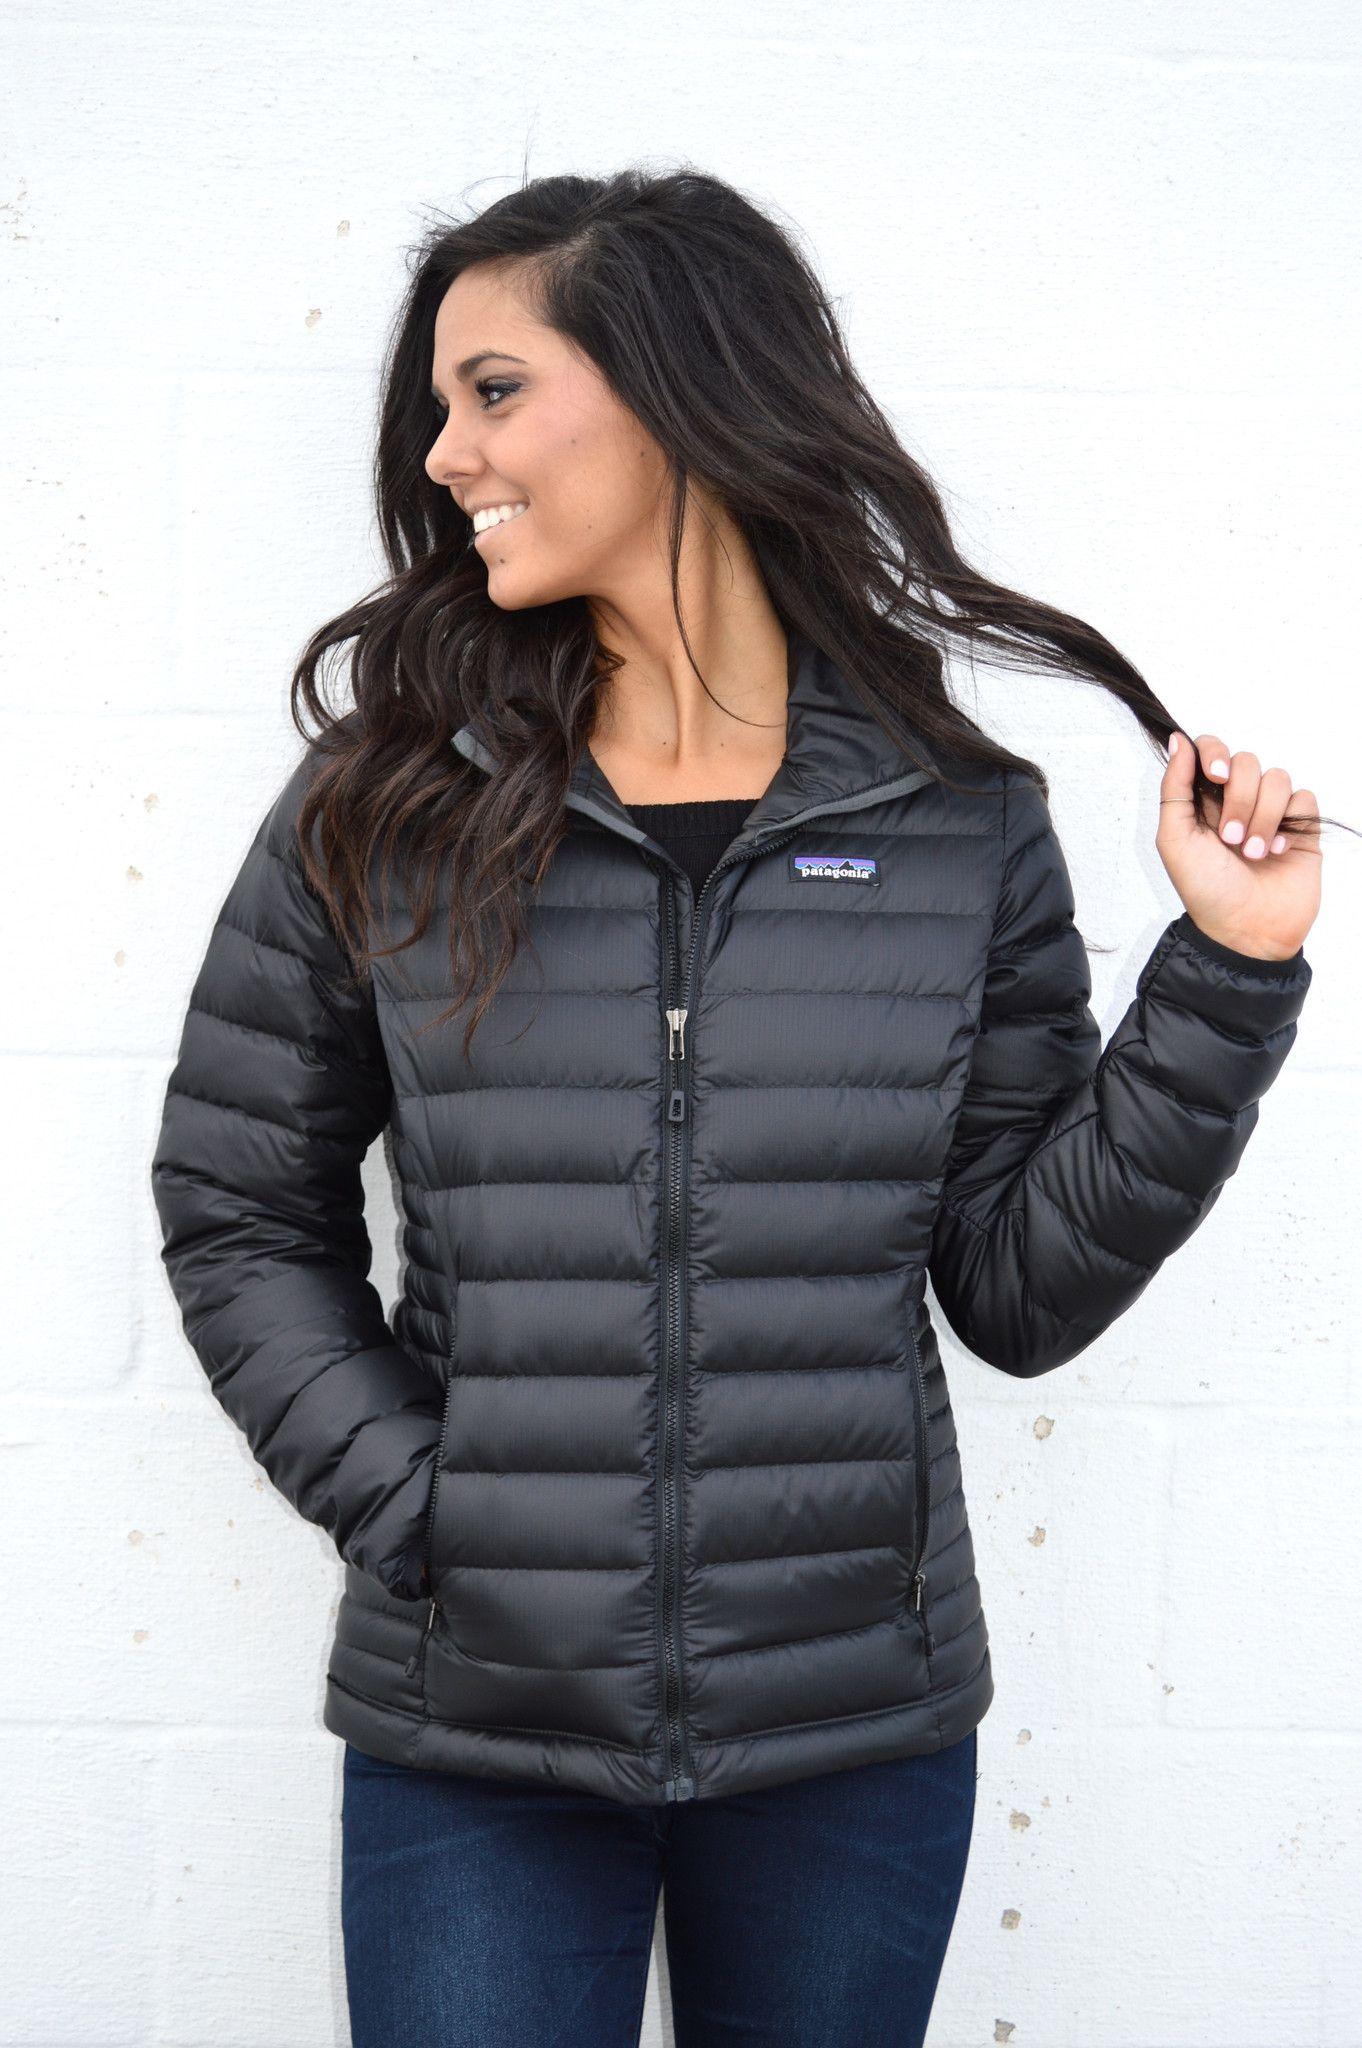 Patagonia Women's Down Sweater Jacket- Black | Patagonia, Roots ...